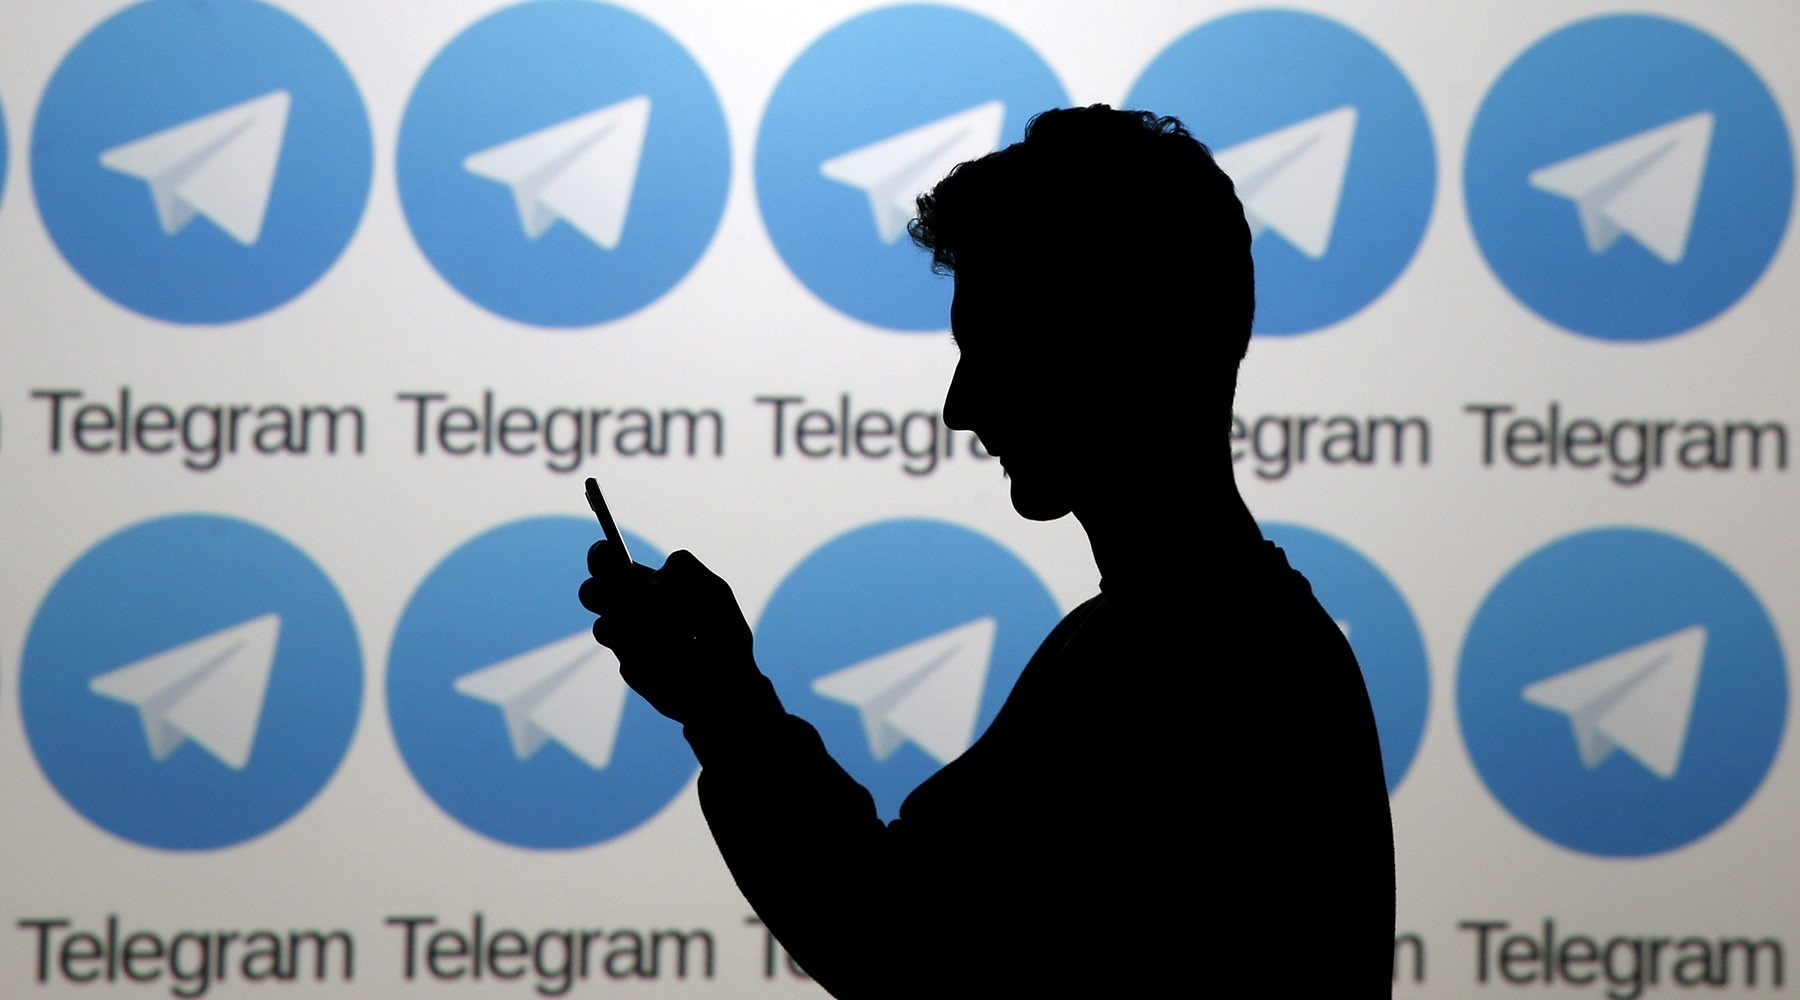 телеграм силуэт